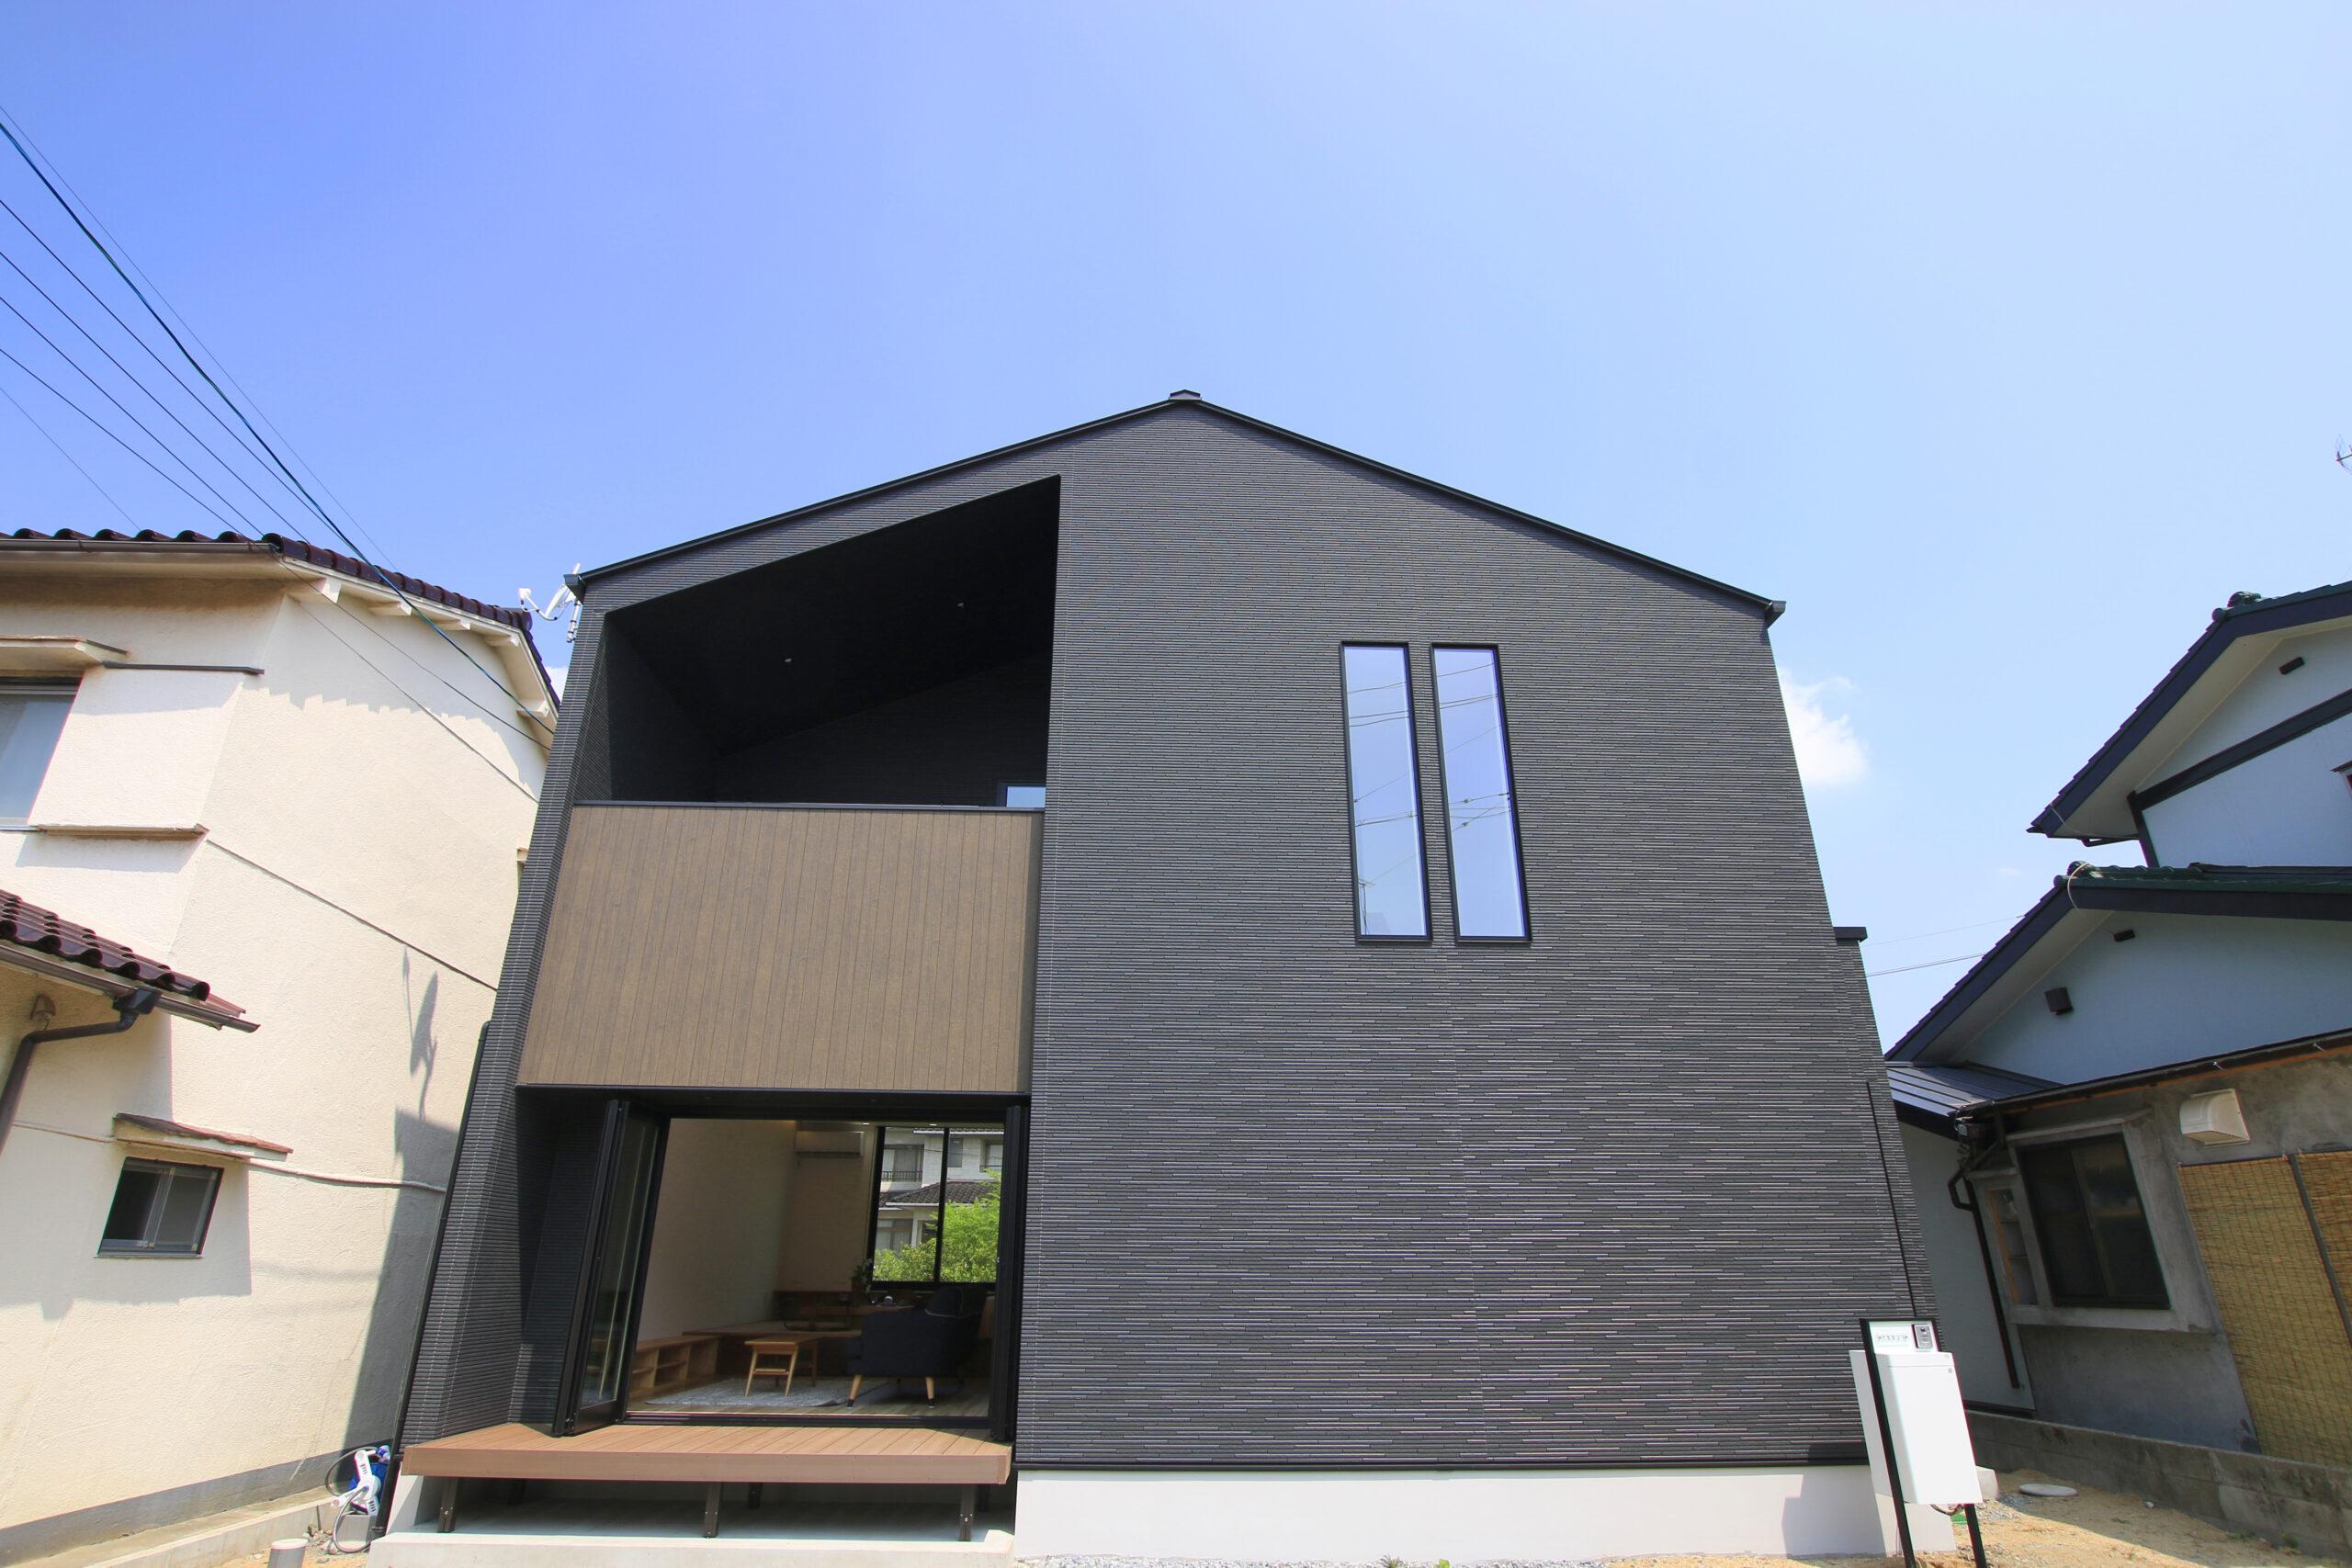 ブラックと木の色がバランス良く合わさった三角屋根のおうち